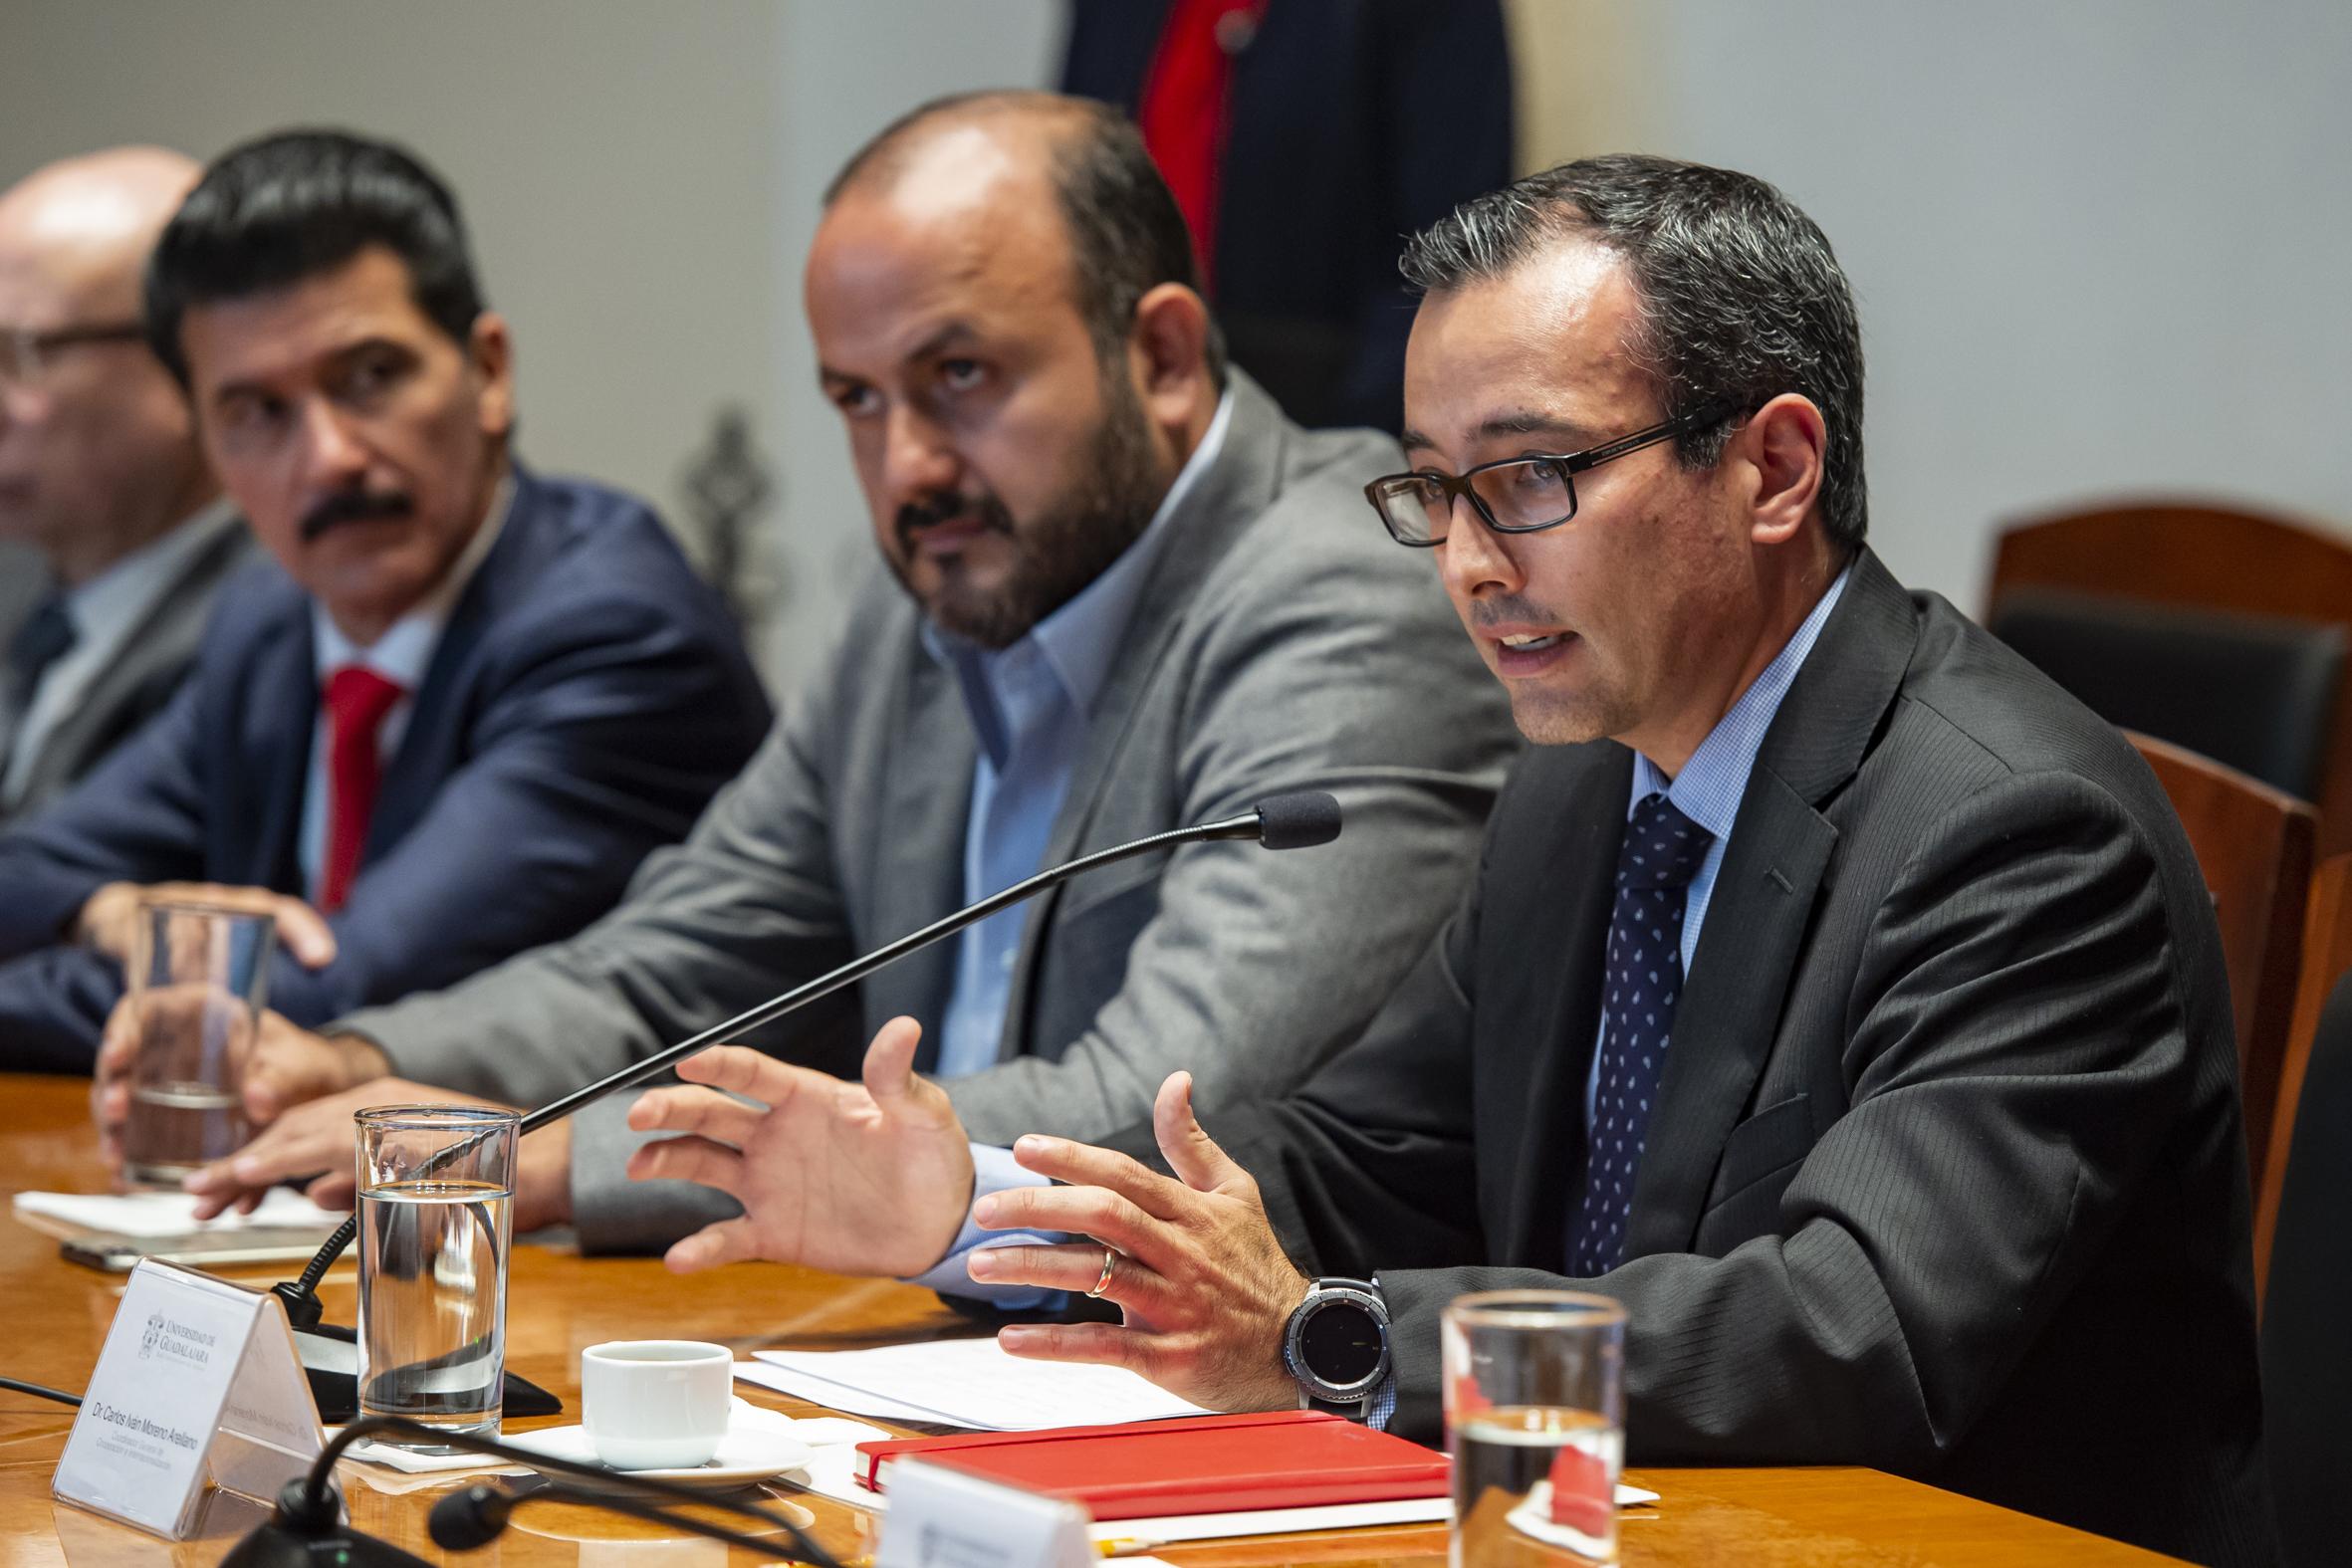 Coordinador General de Cooperación e Internacionalización de la UdeG, doctor Carlos Iván Moreno Arellano, haciendo uso de la palabra durante la firma del convenio